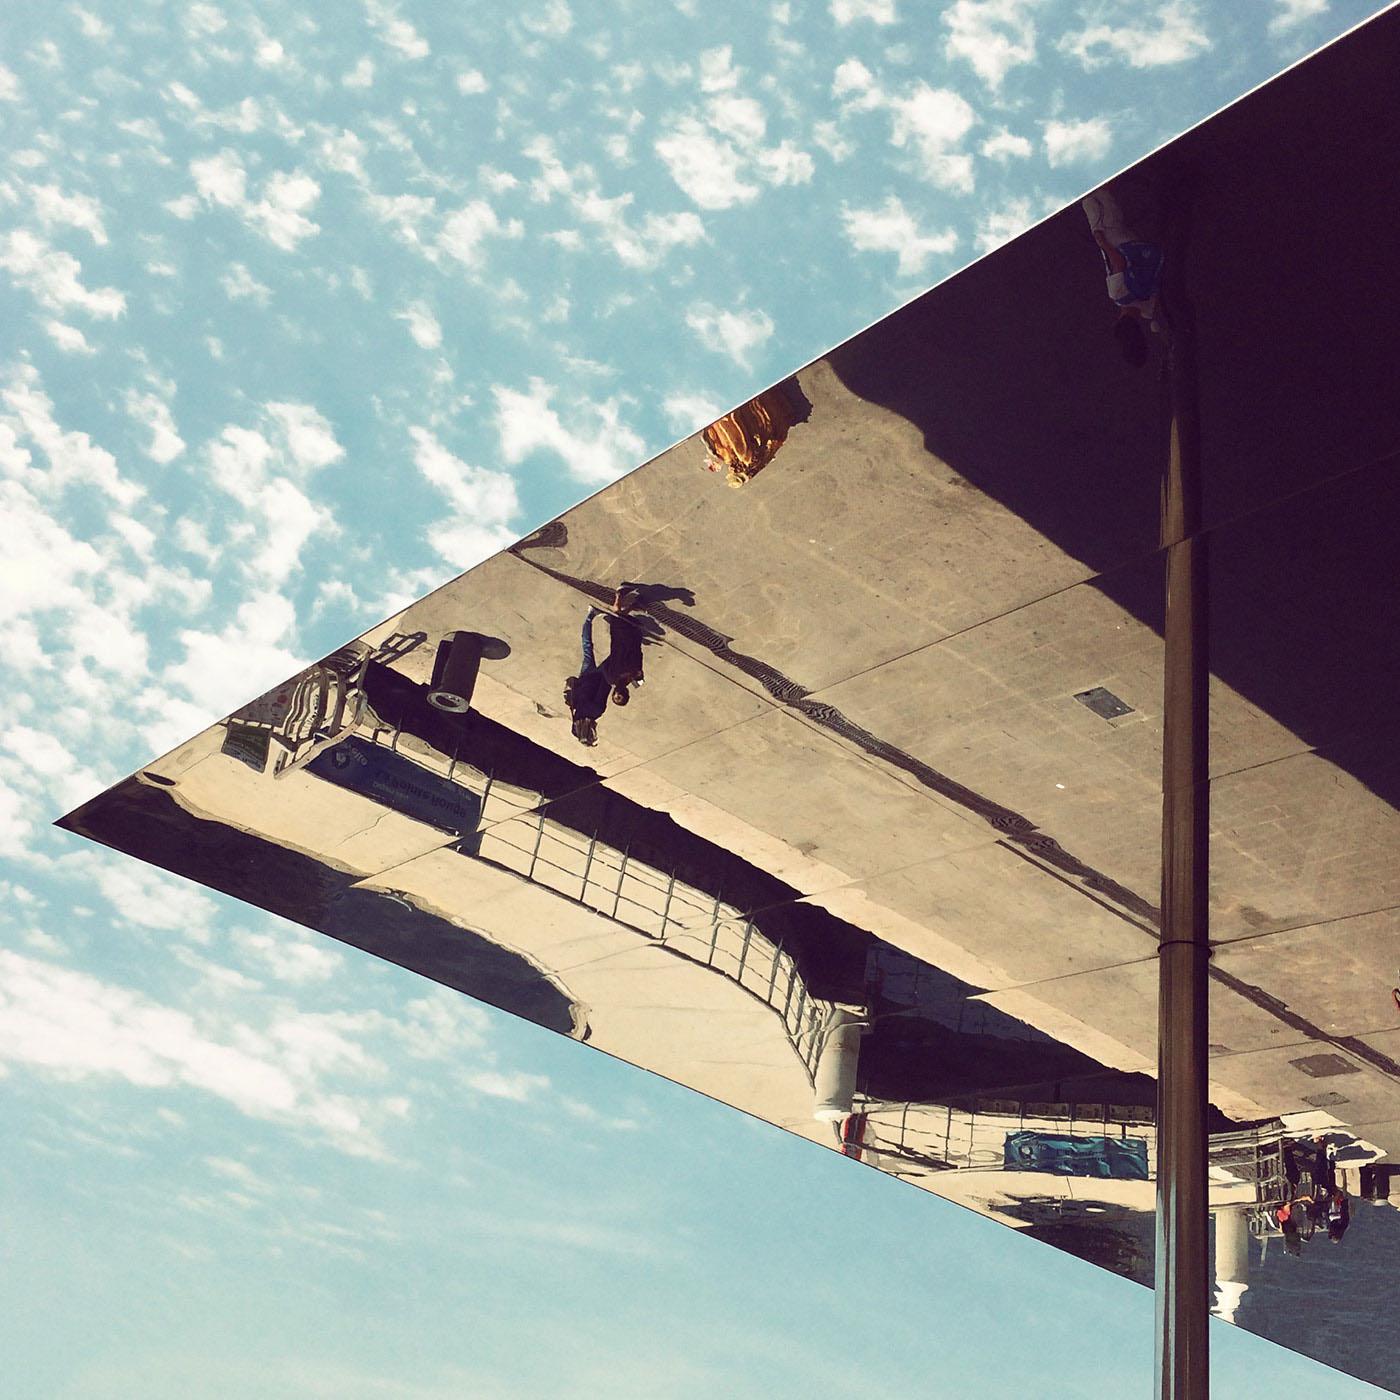 Adobe Portfolio architectural modern architecture city building design art contemporary architecture architect arquitectura geometric inspire minimal architectural photography archi